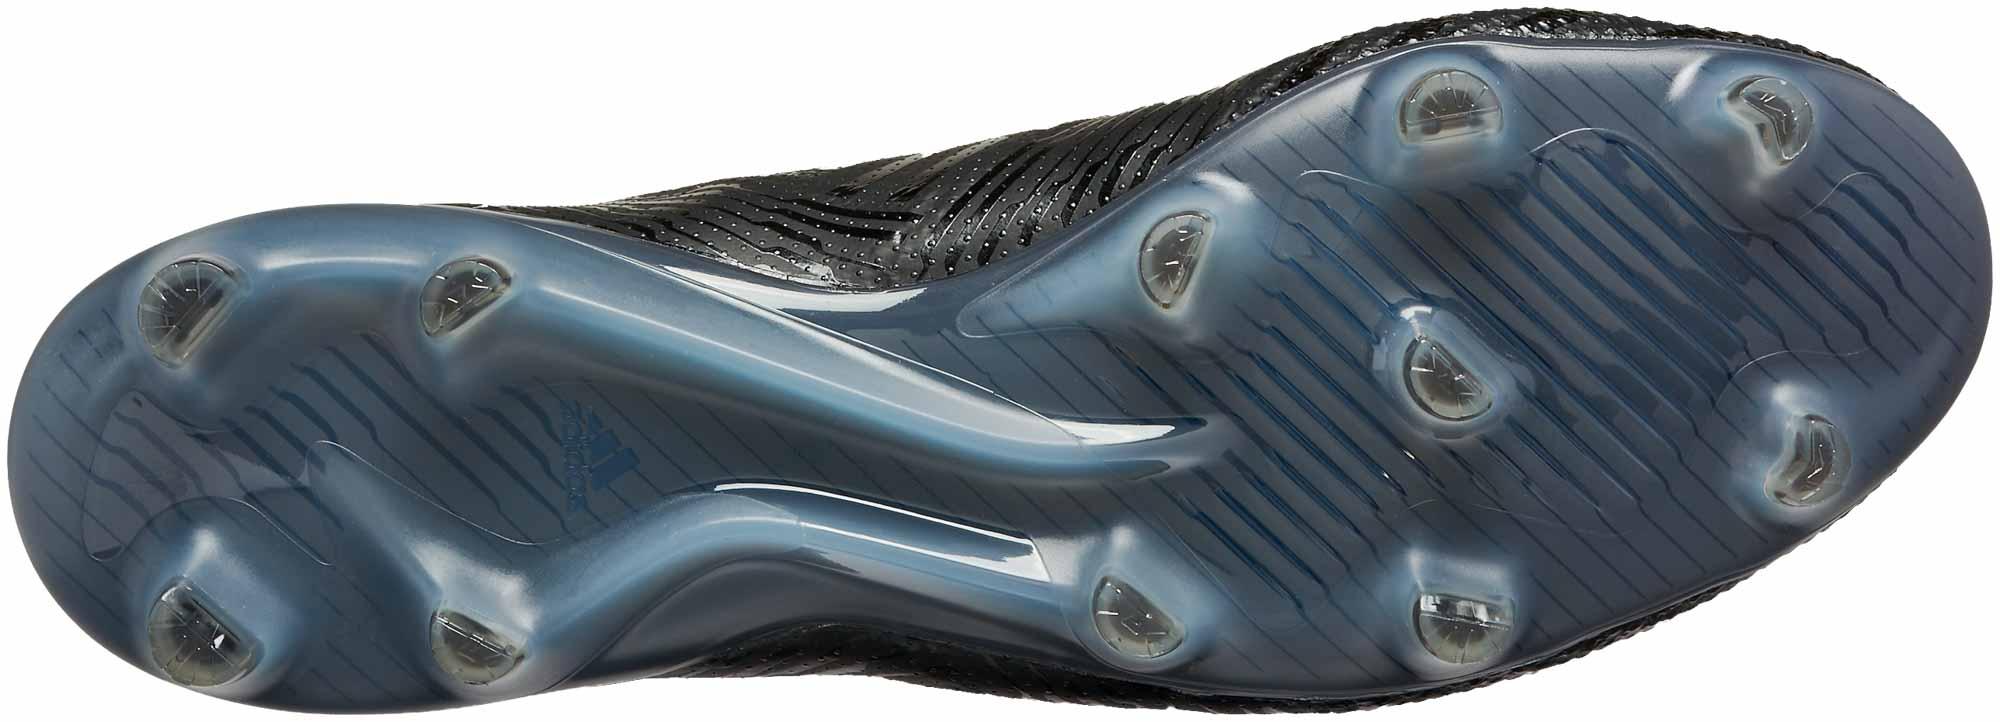 fc6865c9b adidas Nemeziz 17.1 FG - Black Hi-Res Green - SoccerPro